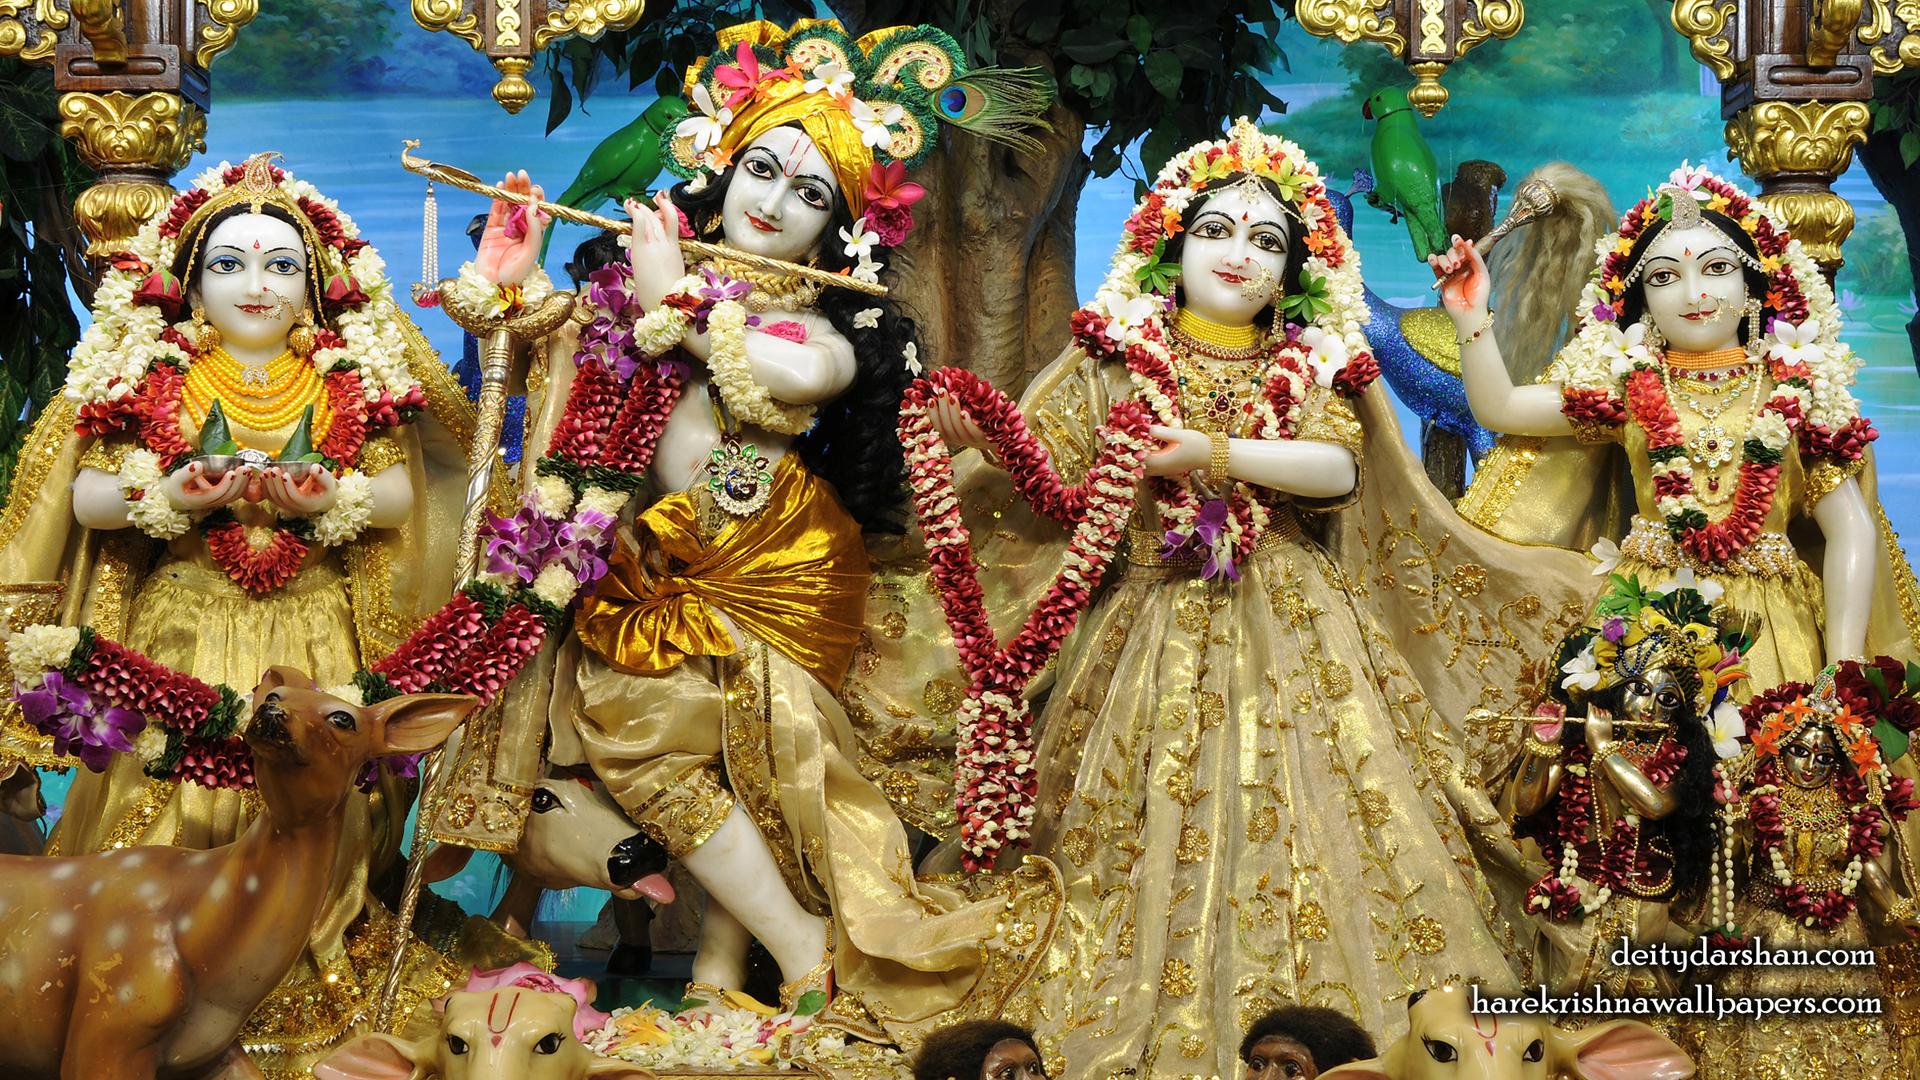 Sri Sri Radha Gopinath Lalita Vishakha Wallpaper (070) Size 1920x1080 Download